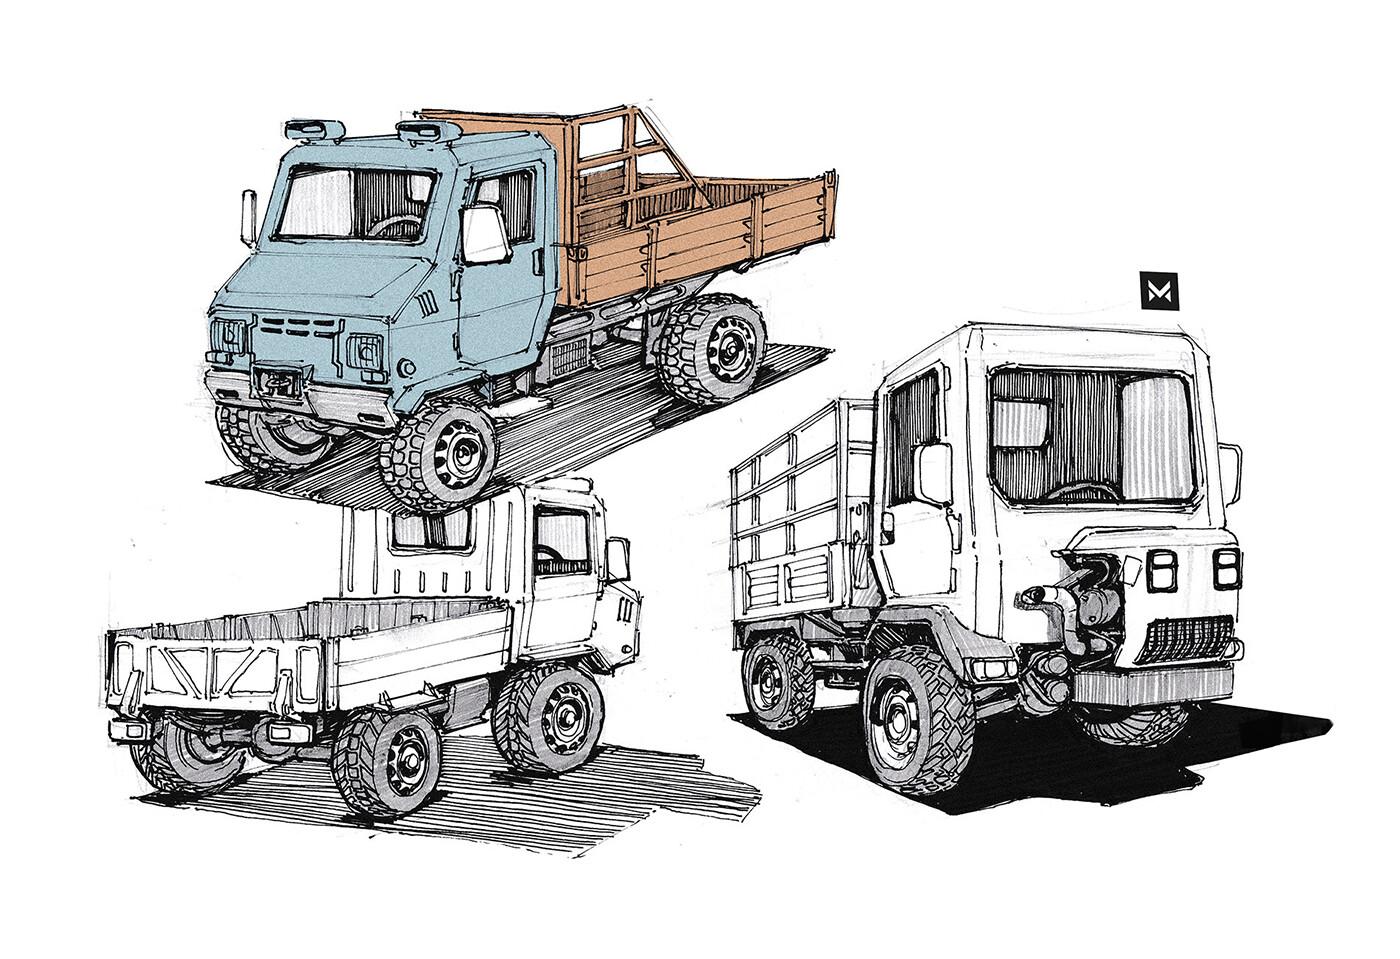 Italien minitrucks - vehicle study